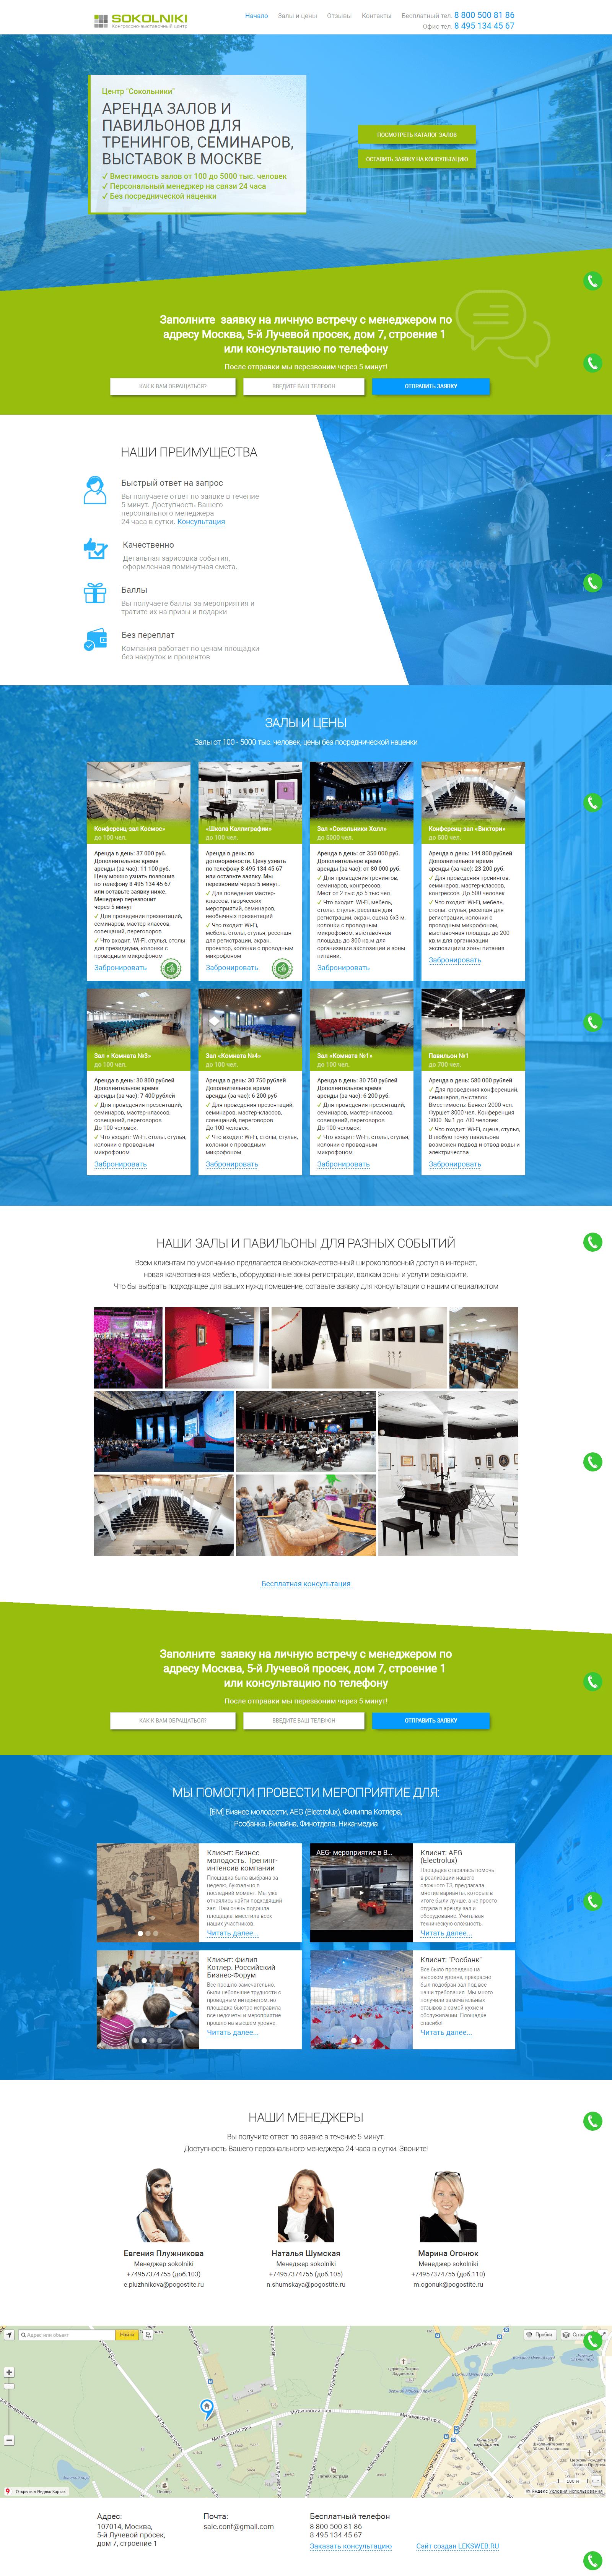 2016 год. Сокольники. landing page под ключ + Адаптивность (Планшет, телефон, широкоформатный монитор)